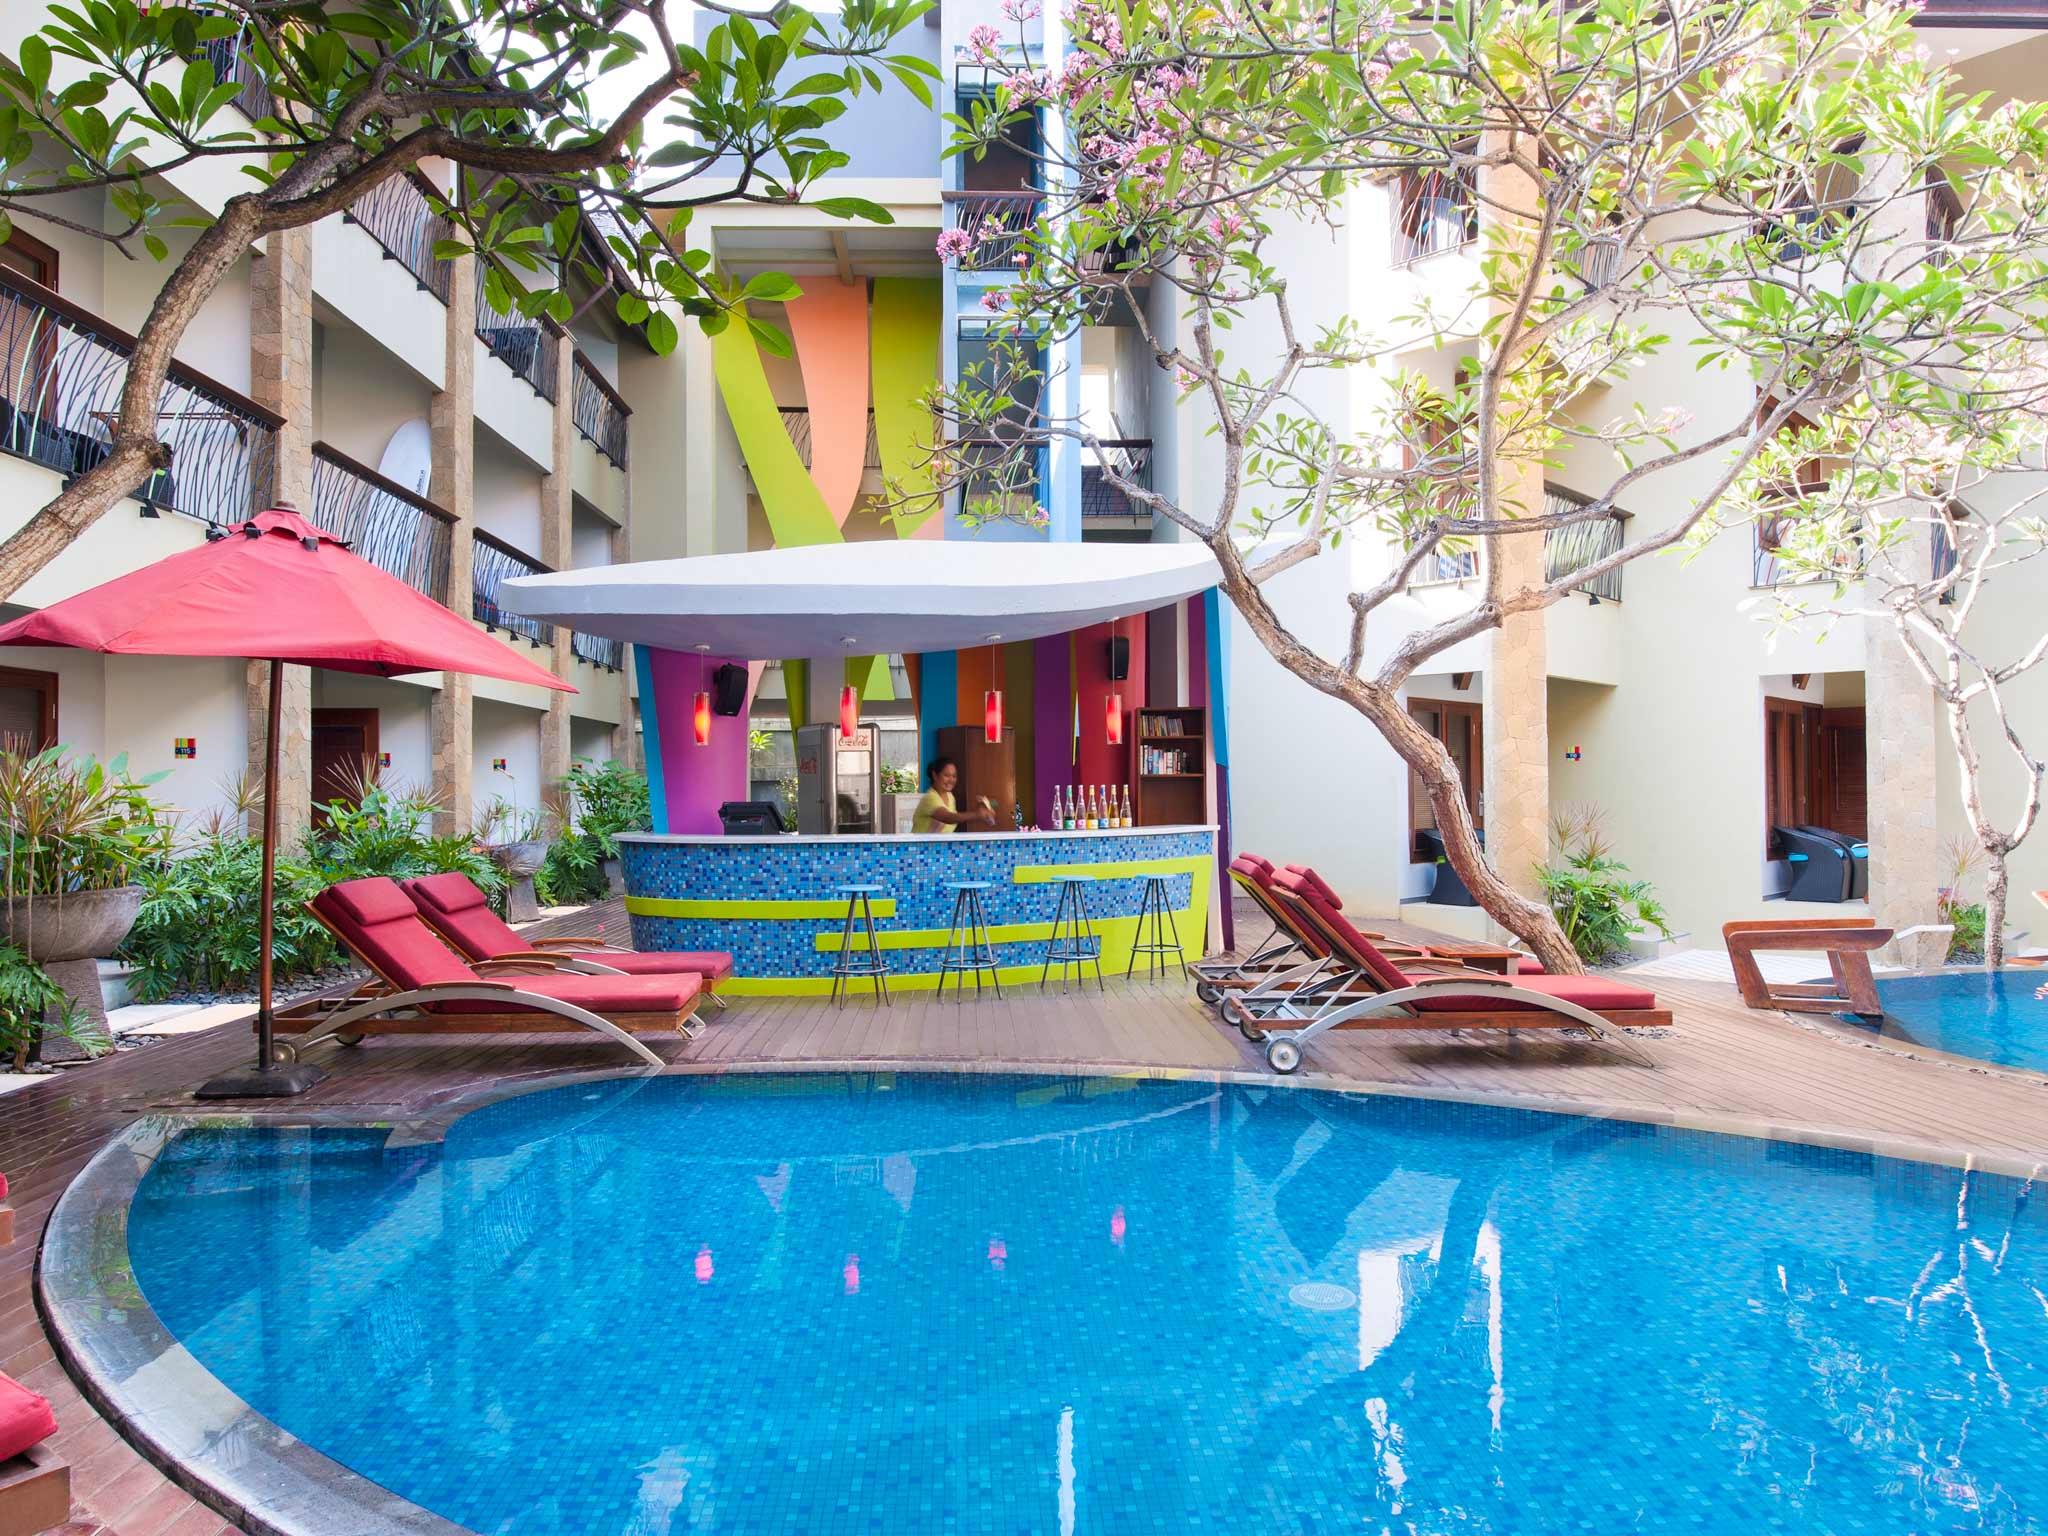 โรงแรม – ออลซีซั่นส์ บาหลี ลีเจียน (จะเปลี่ยนเป็นไอบิส สไตล์ เร็วๆ นี้)